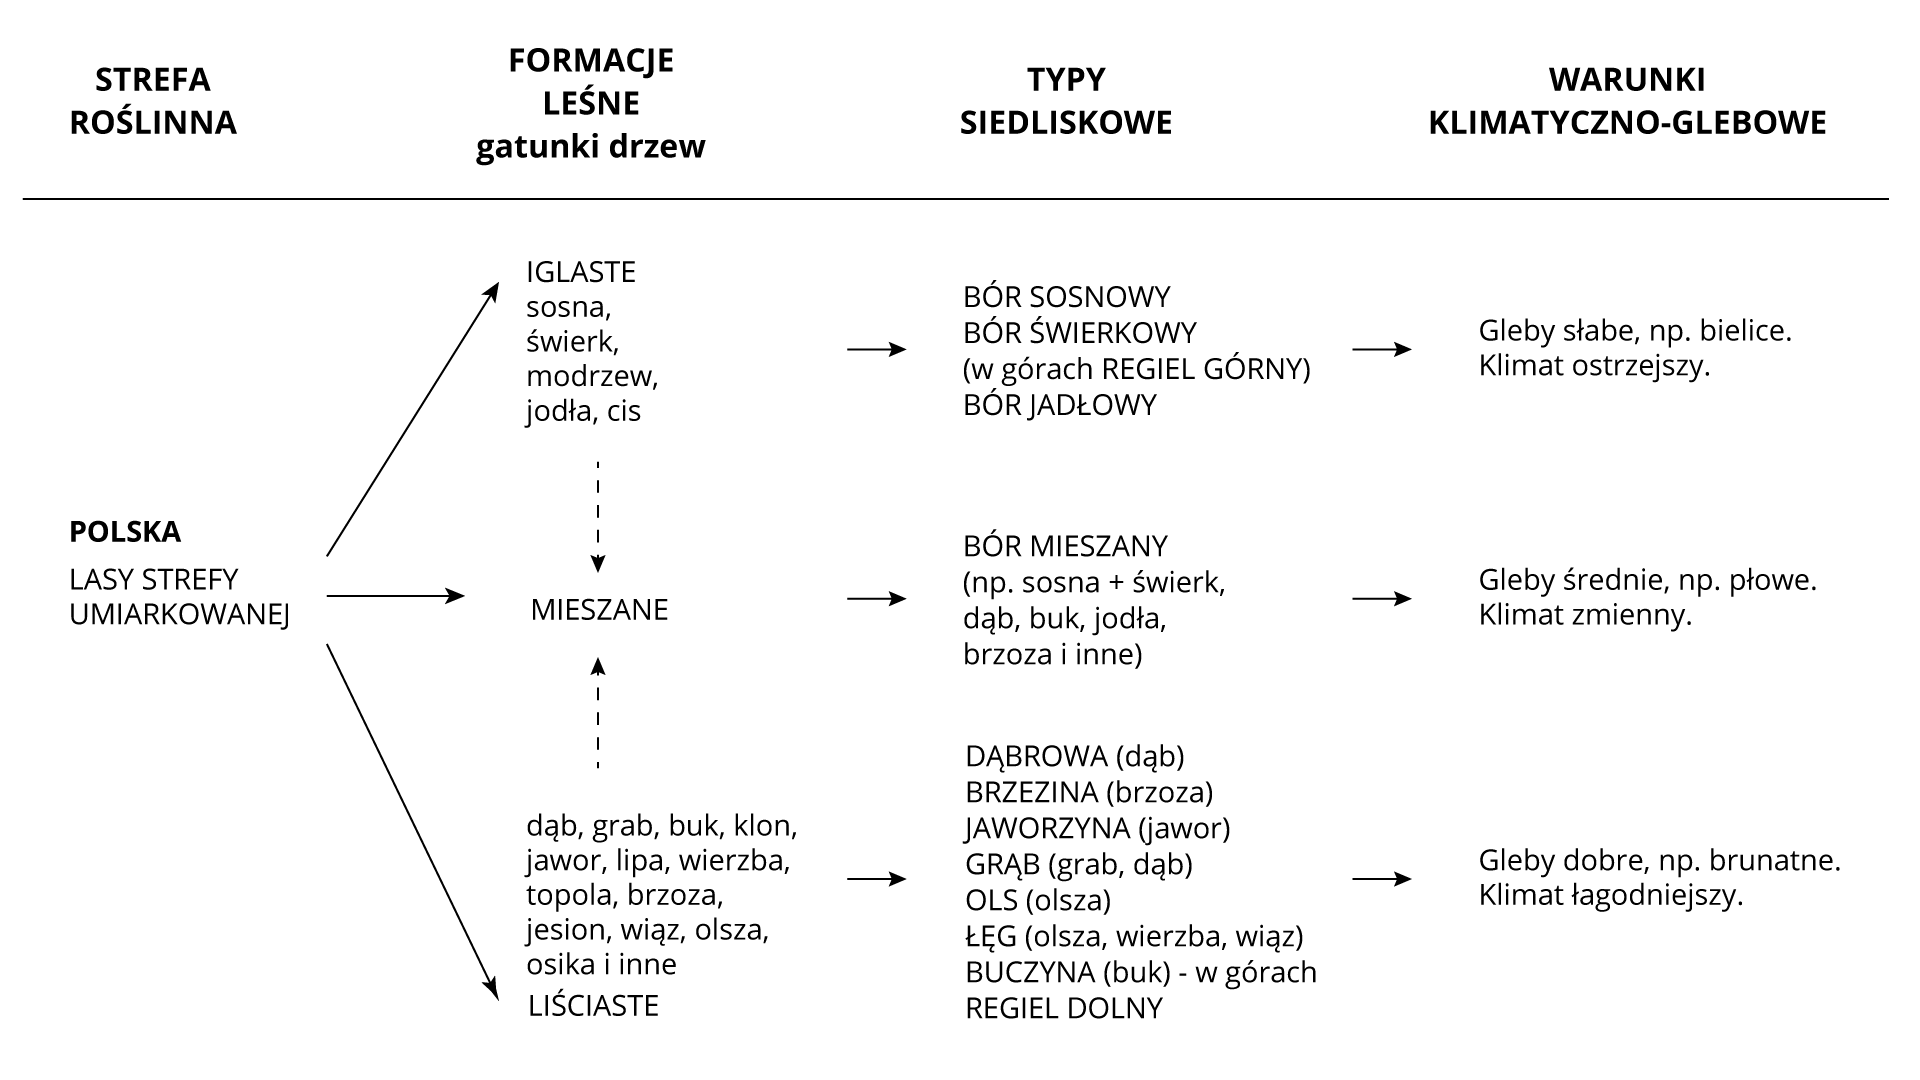 Na ilustracji schemat zależności między klimatem, glebami itypami lasów wPolsce.   Strefa roślinna Formacje leśne/gatunki drzew Typy siedliskowe Warunki klimatyczno-glebowe   Polska/Lasy strefy umiarkowanej  iglaste/ sosna, świerk,modrzew, jodła, cis bór sosnowy bór świerkowyw górach regiel górnybór jodłowy gleby słabe, np. bieliceklimat ostrzejszy   mieszane bór mieszanynp. sosna+świerk, dąb, buk,jodła, brzoza iinne gleby średnie, np.płoweklimat zmienny   liściaste/dąb, grab, buk, klon,jawor, lipa, wierzba,topola, brzoza, jesion,wiąz, olsza, osika  dąbrowa (dąb)brzezina (brzoza)jaworzyna (jawor)grąb (grab, dąb)ols (olsza)łęg (olsza, wierzba, wiąz)buczyna (buk) – wgórachregiel dolny gleby dobre, np.brunatneklimat łagodniejszy